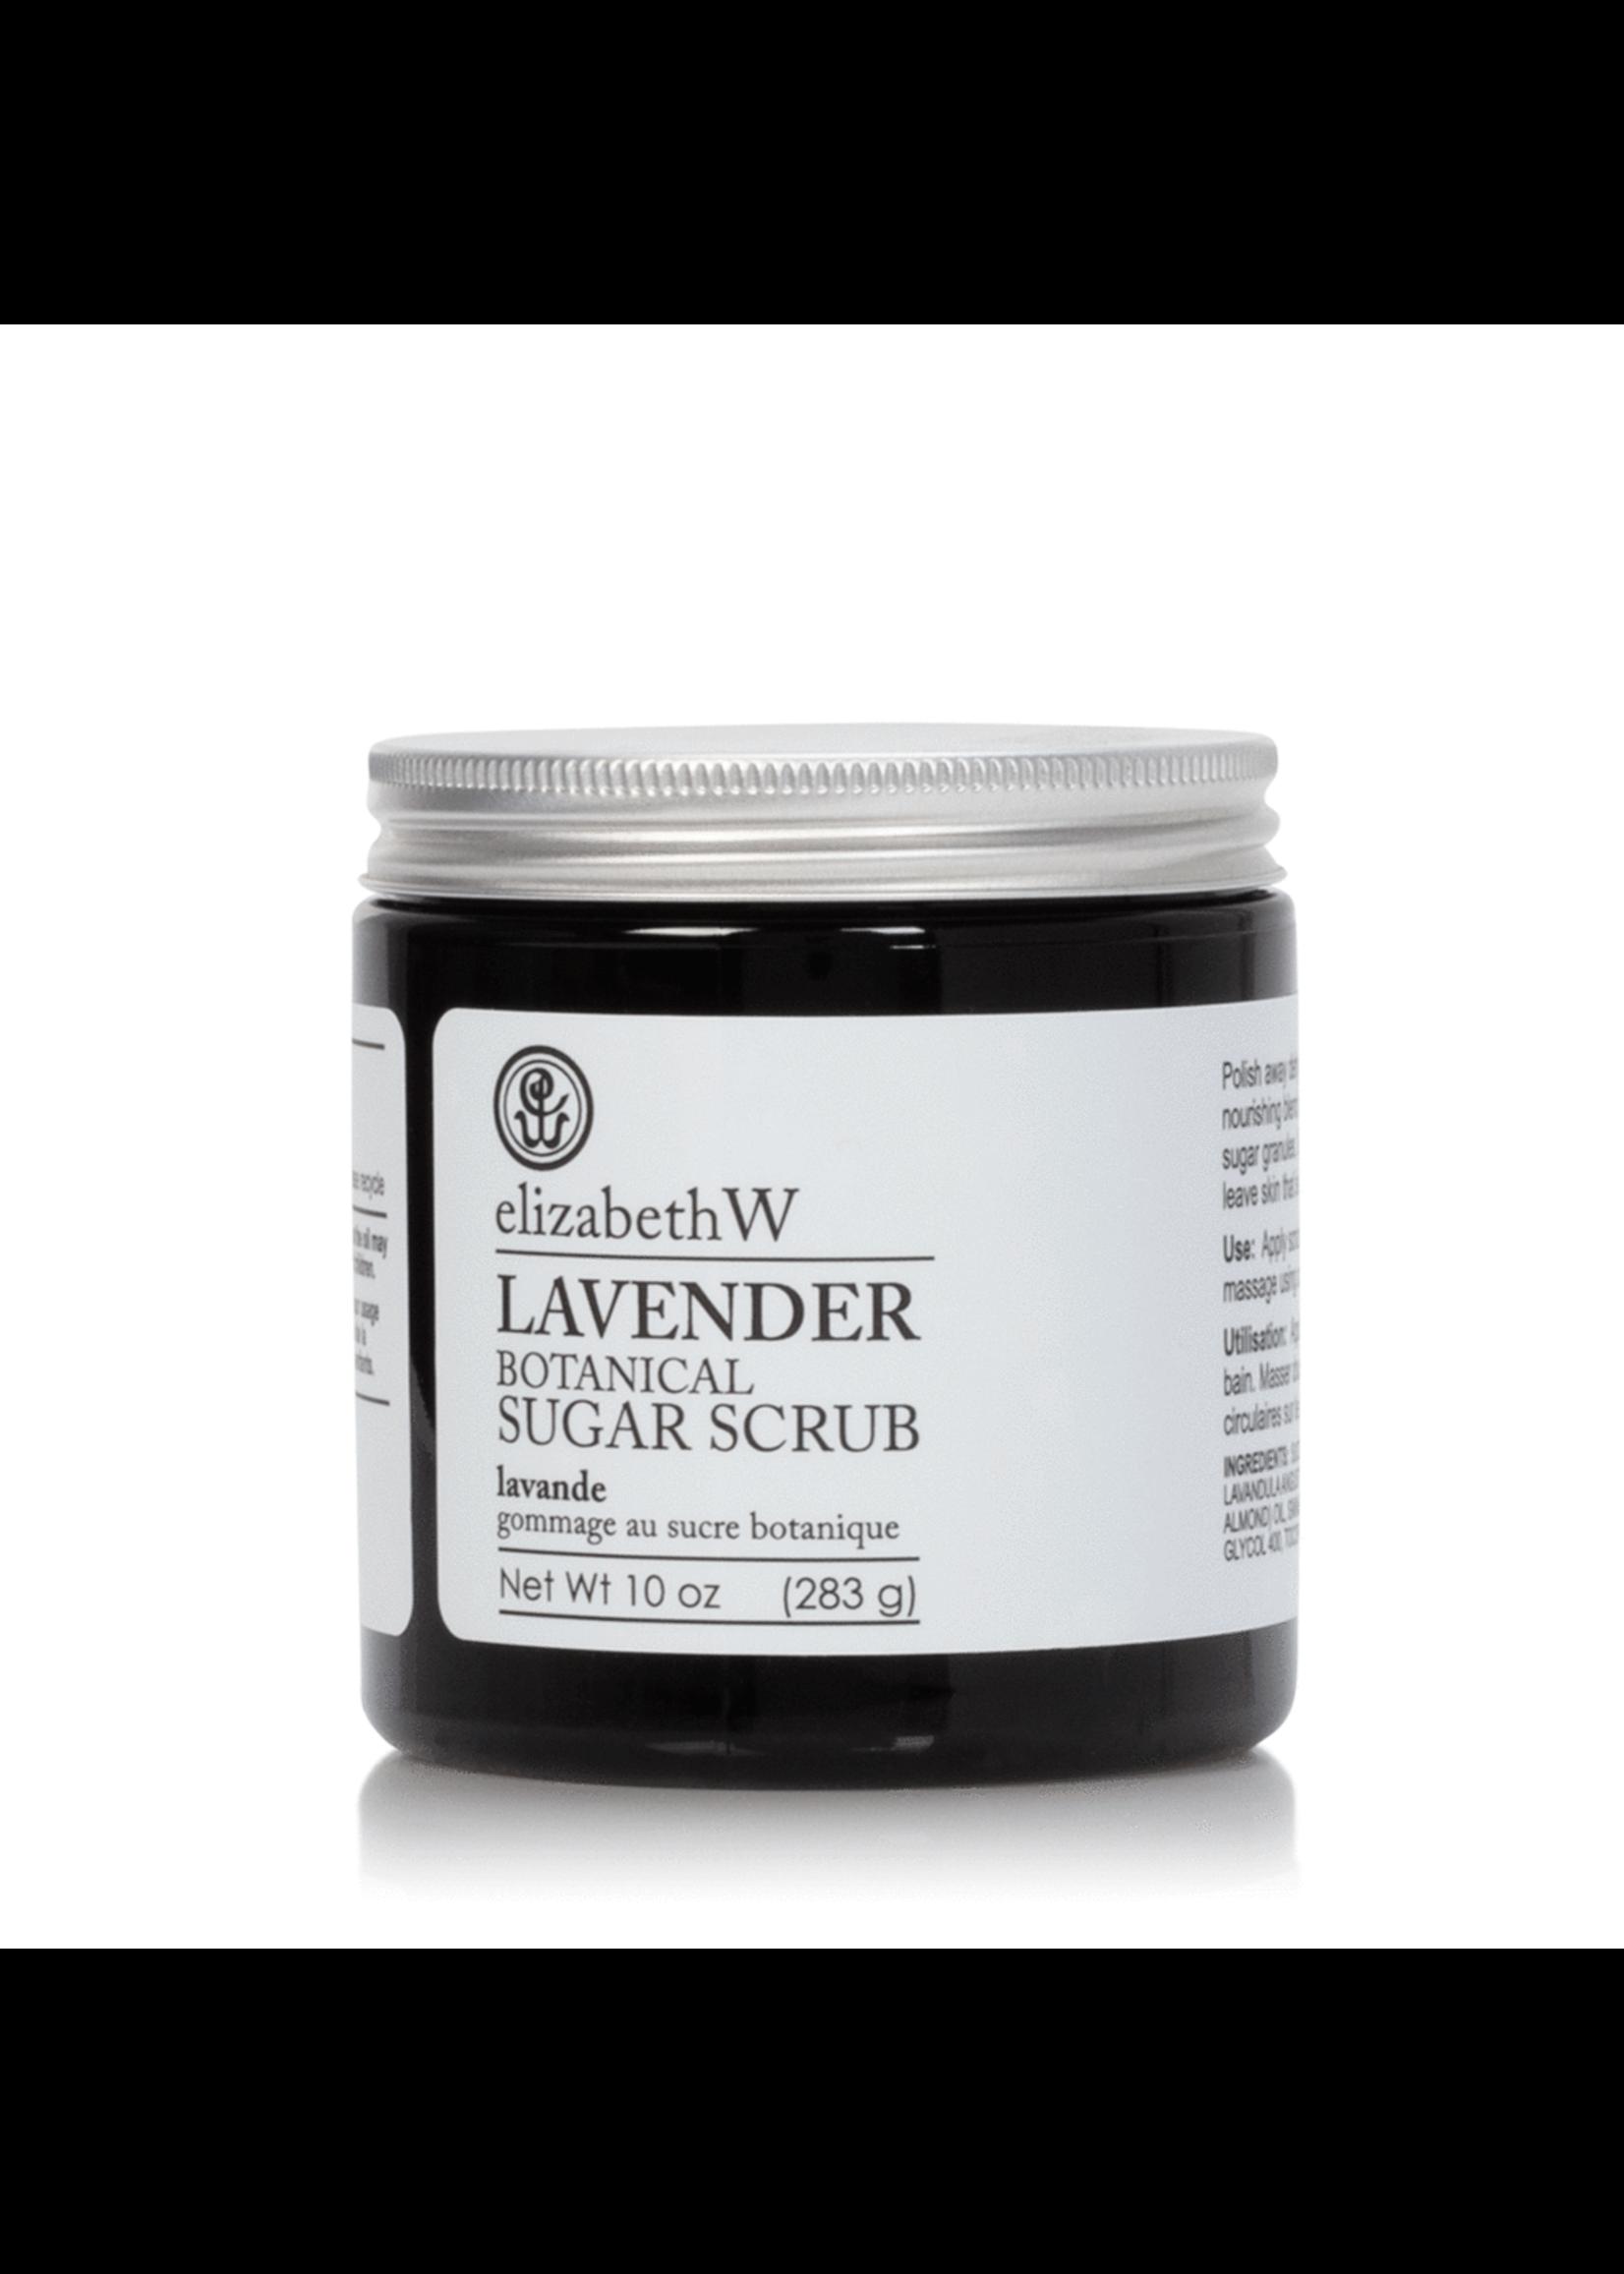 Elizabeth W Sugar Scrub - Lavender